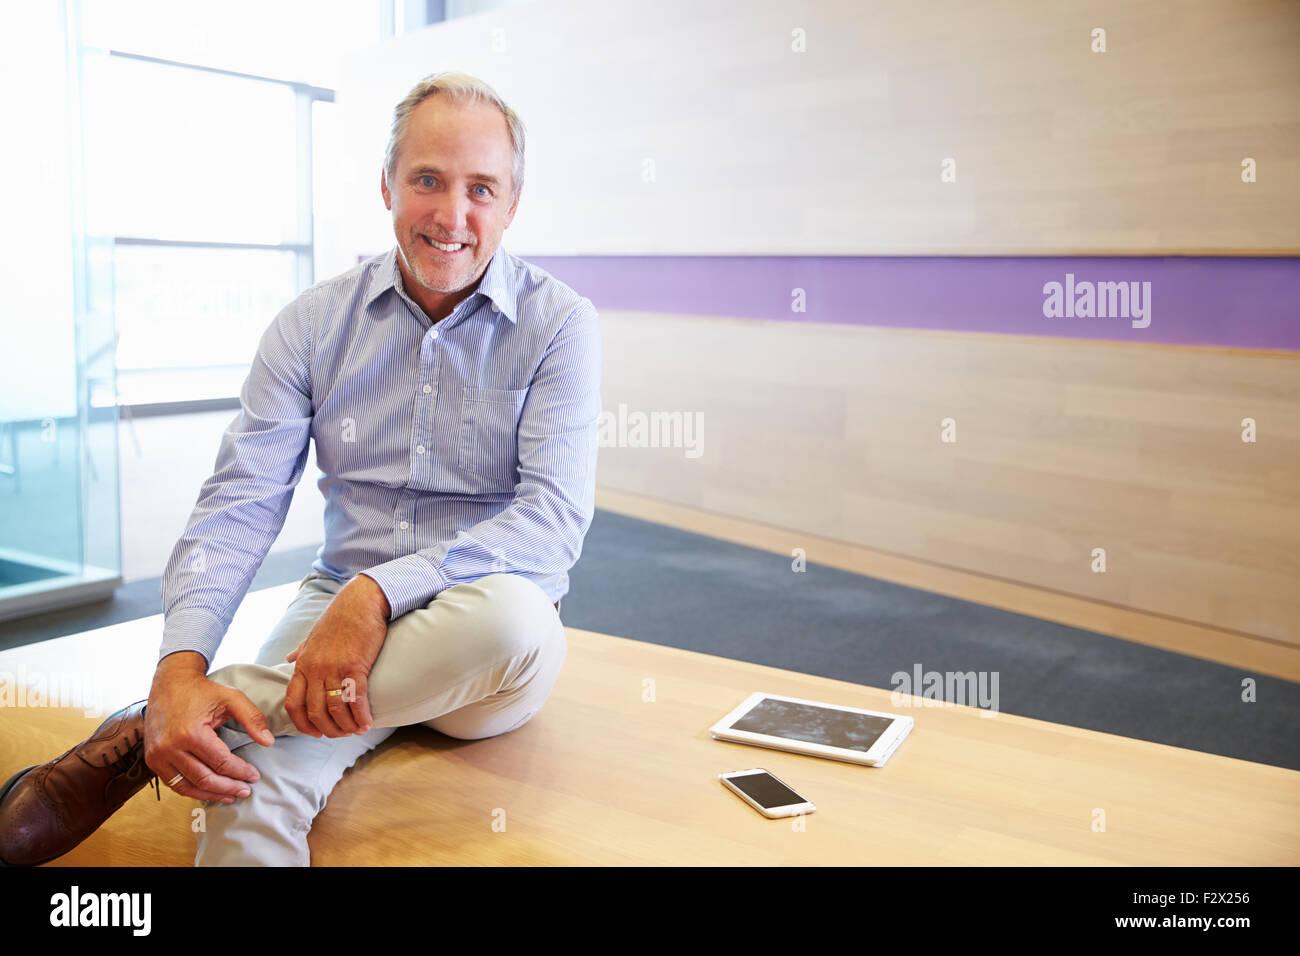 Smart casual hombre senior con Tablet PC y teléfonos inteligentes. Imagen De Stock